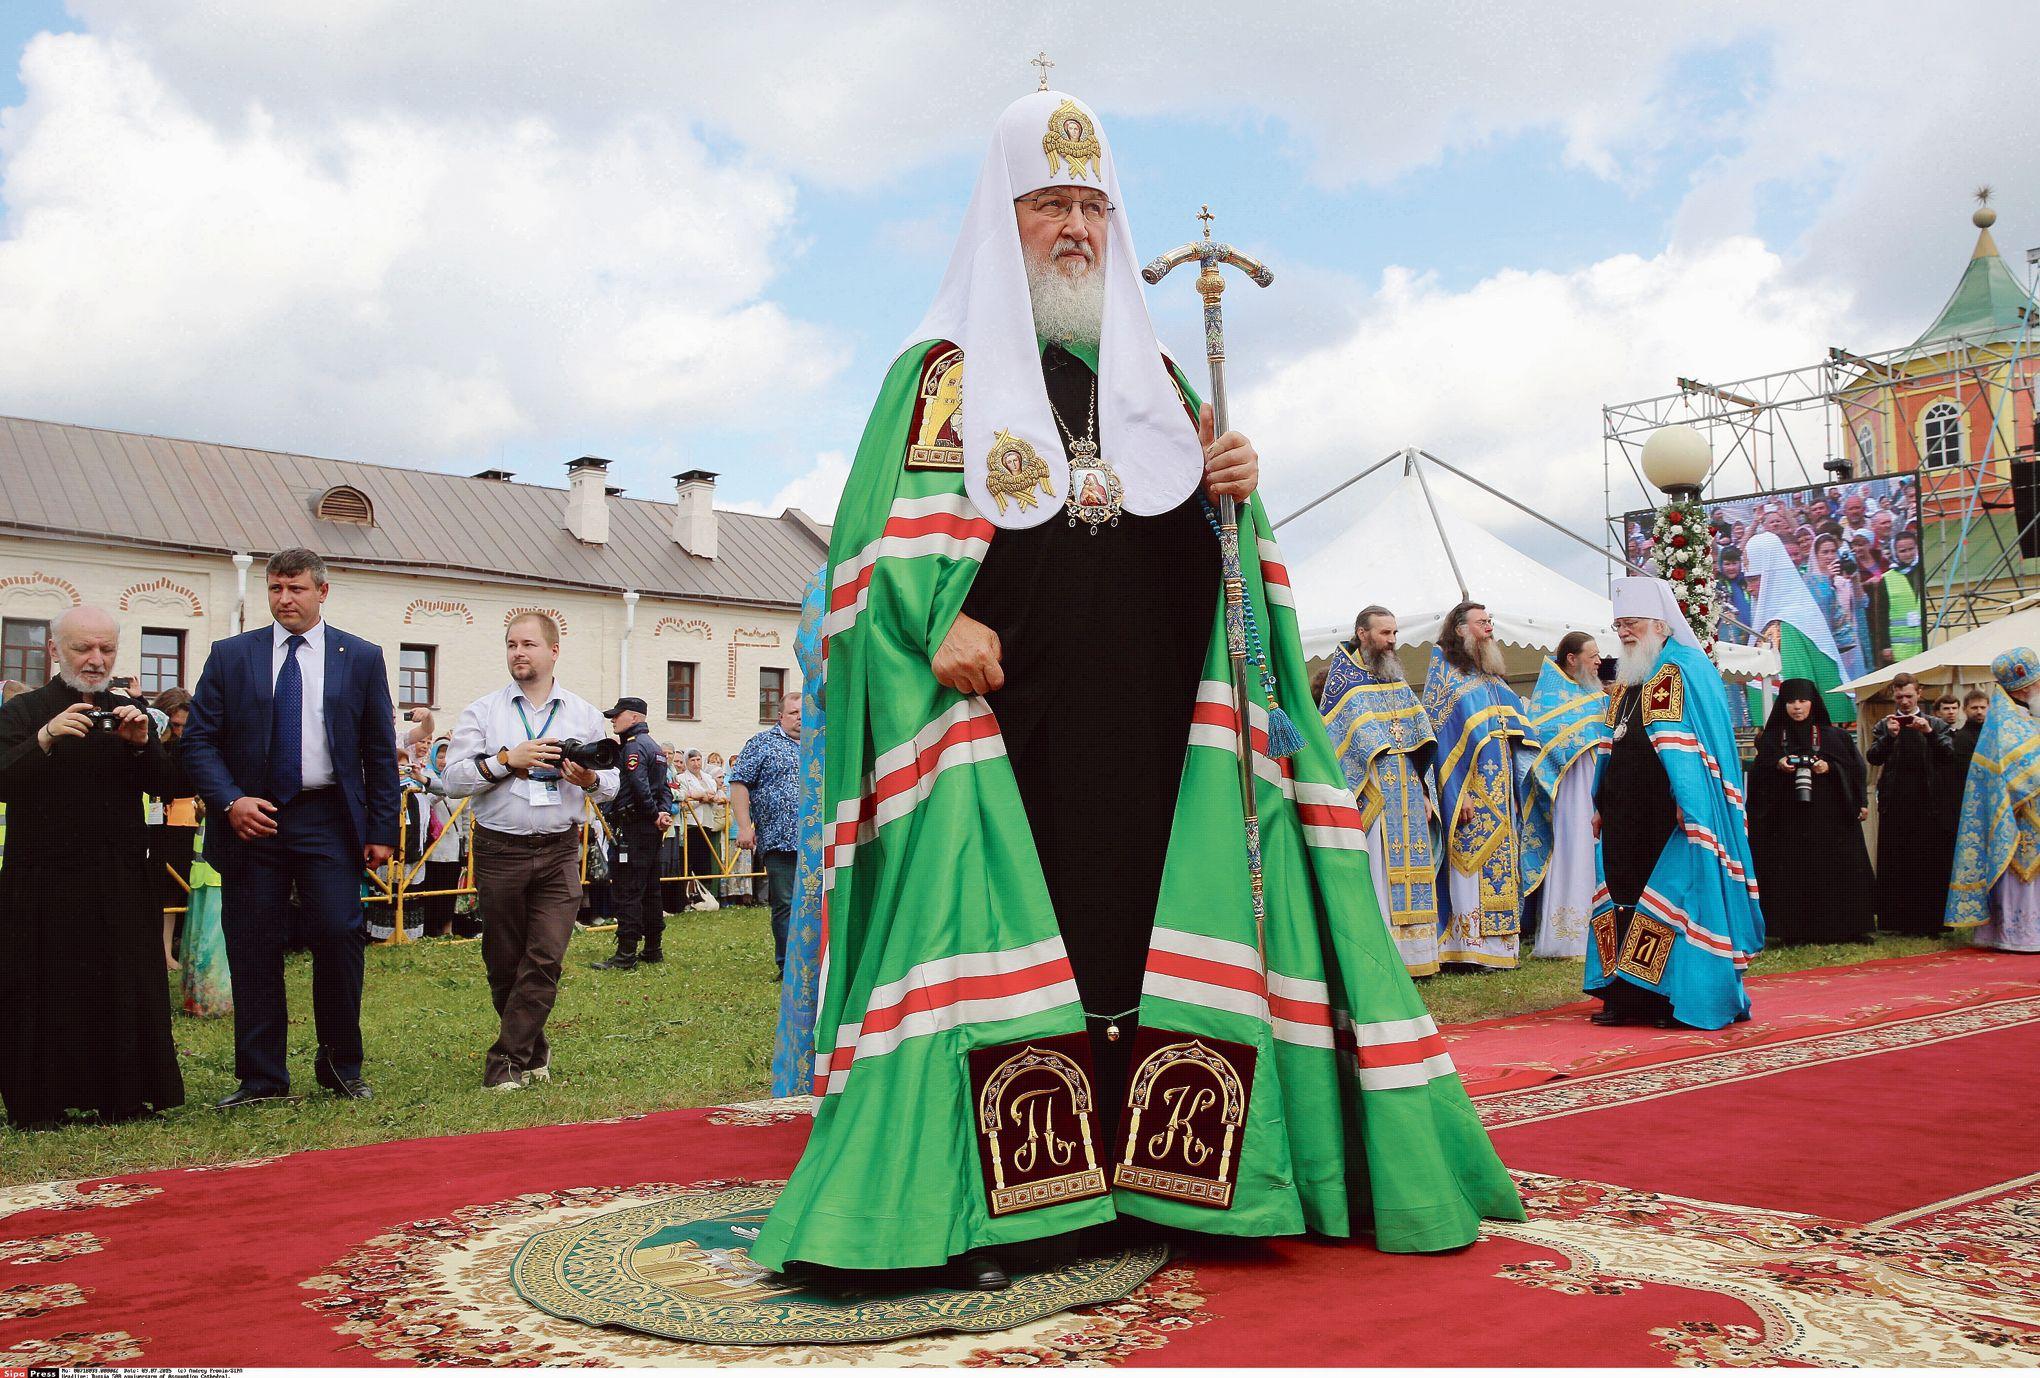 Lhomosexualisme en russie